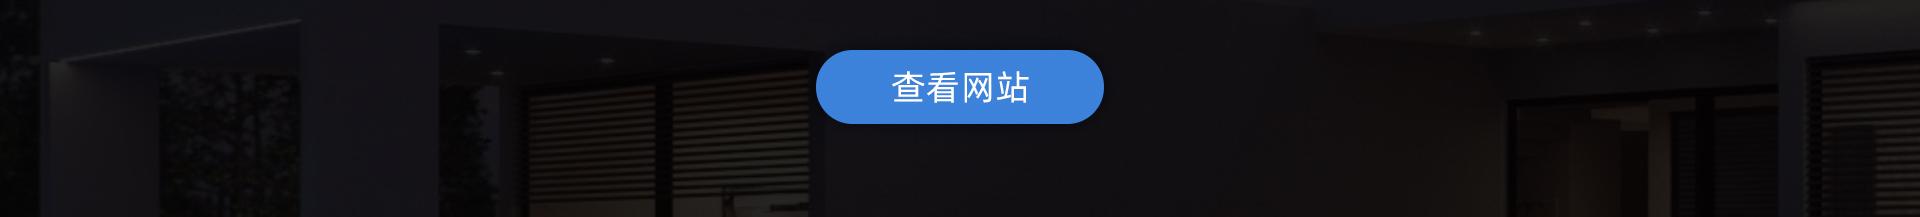 陕西万博-陕西万博——王艳妮云企案例设计简介-有手机版_02